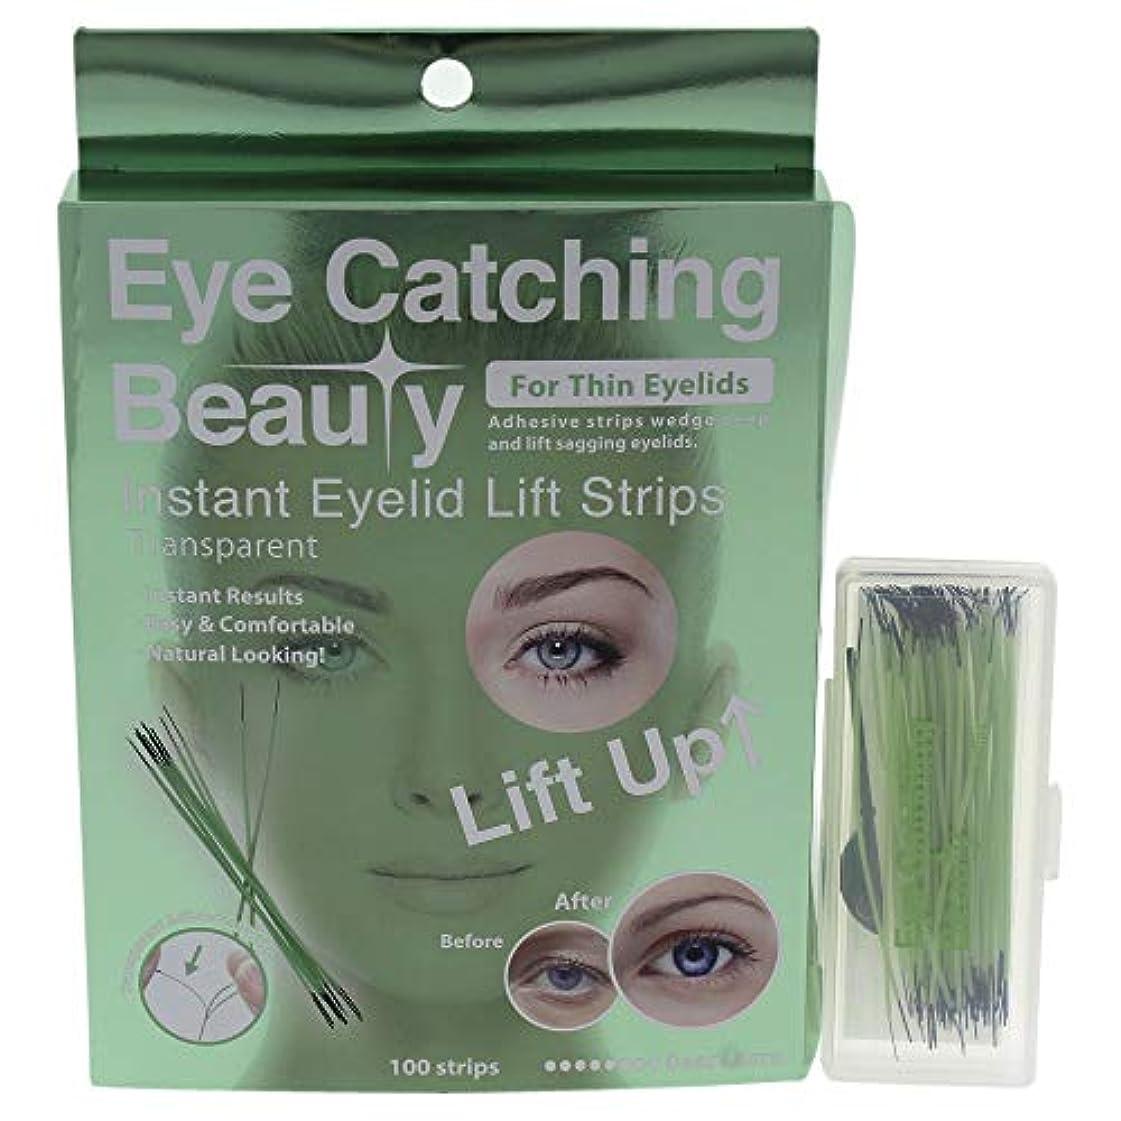 出版笑い一貫性のないEye Catching Beauty Instant Eyelid Lift Strips